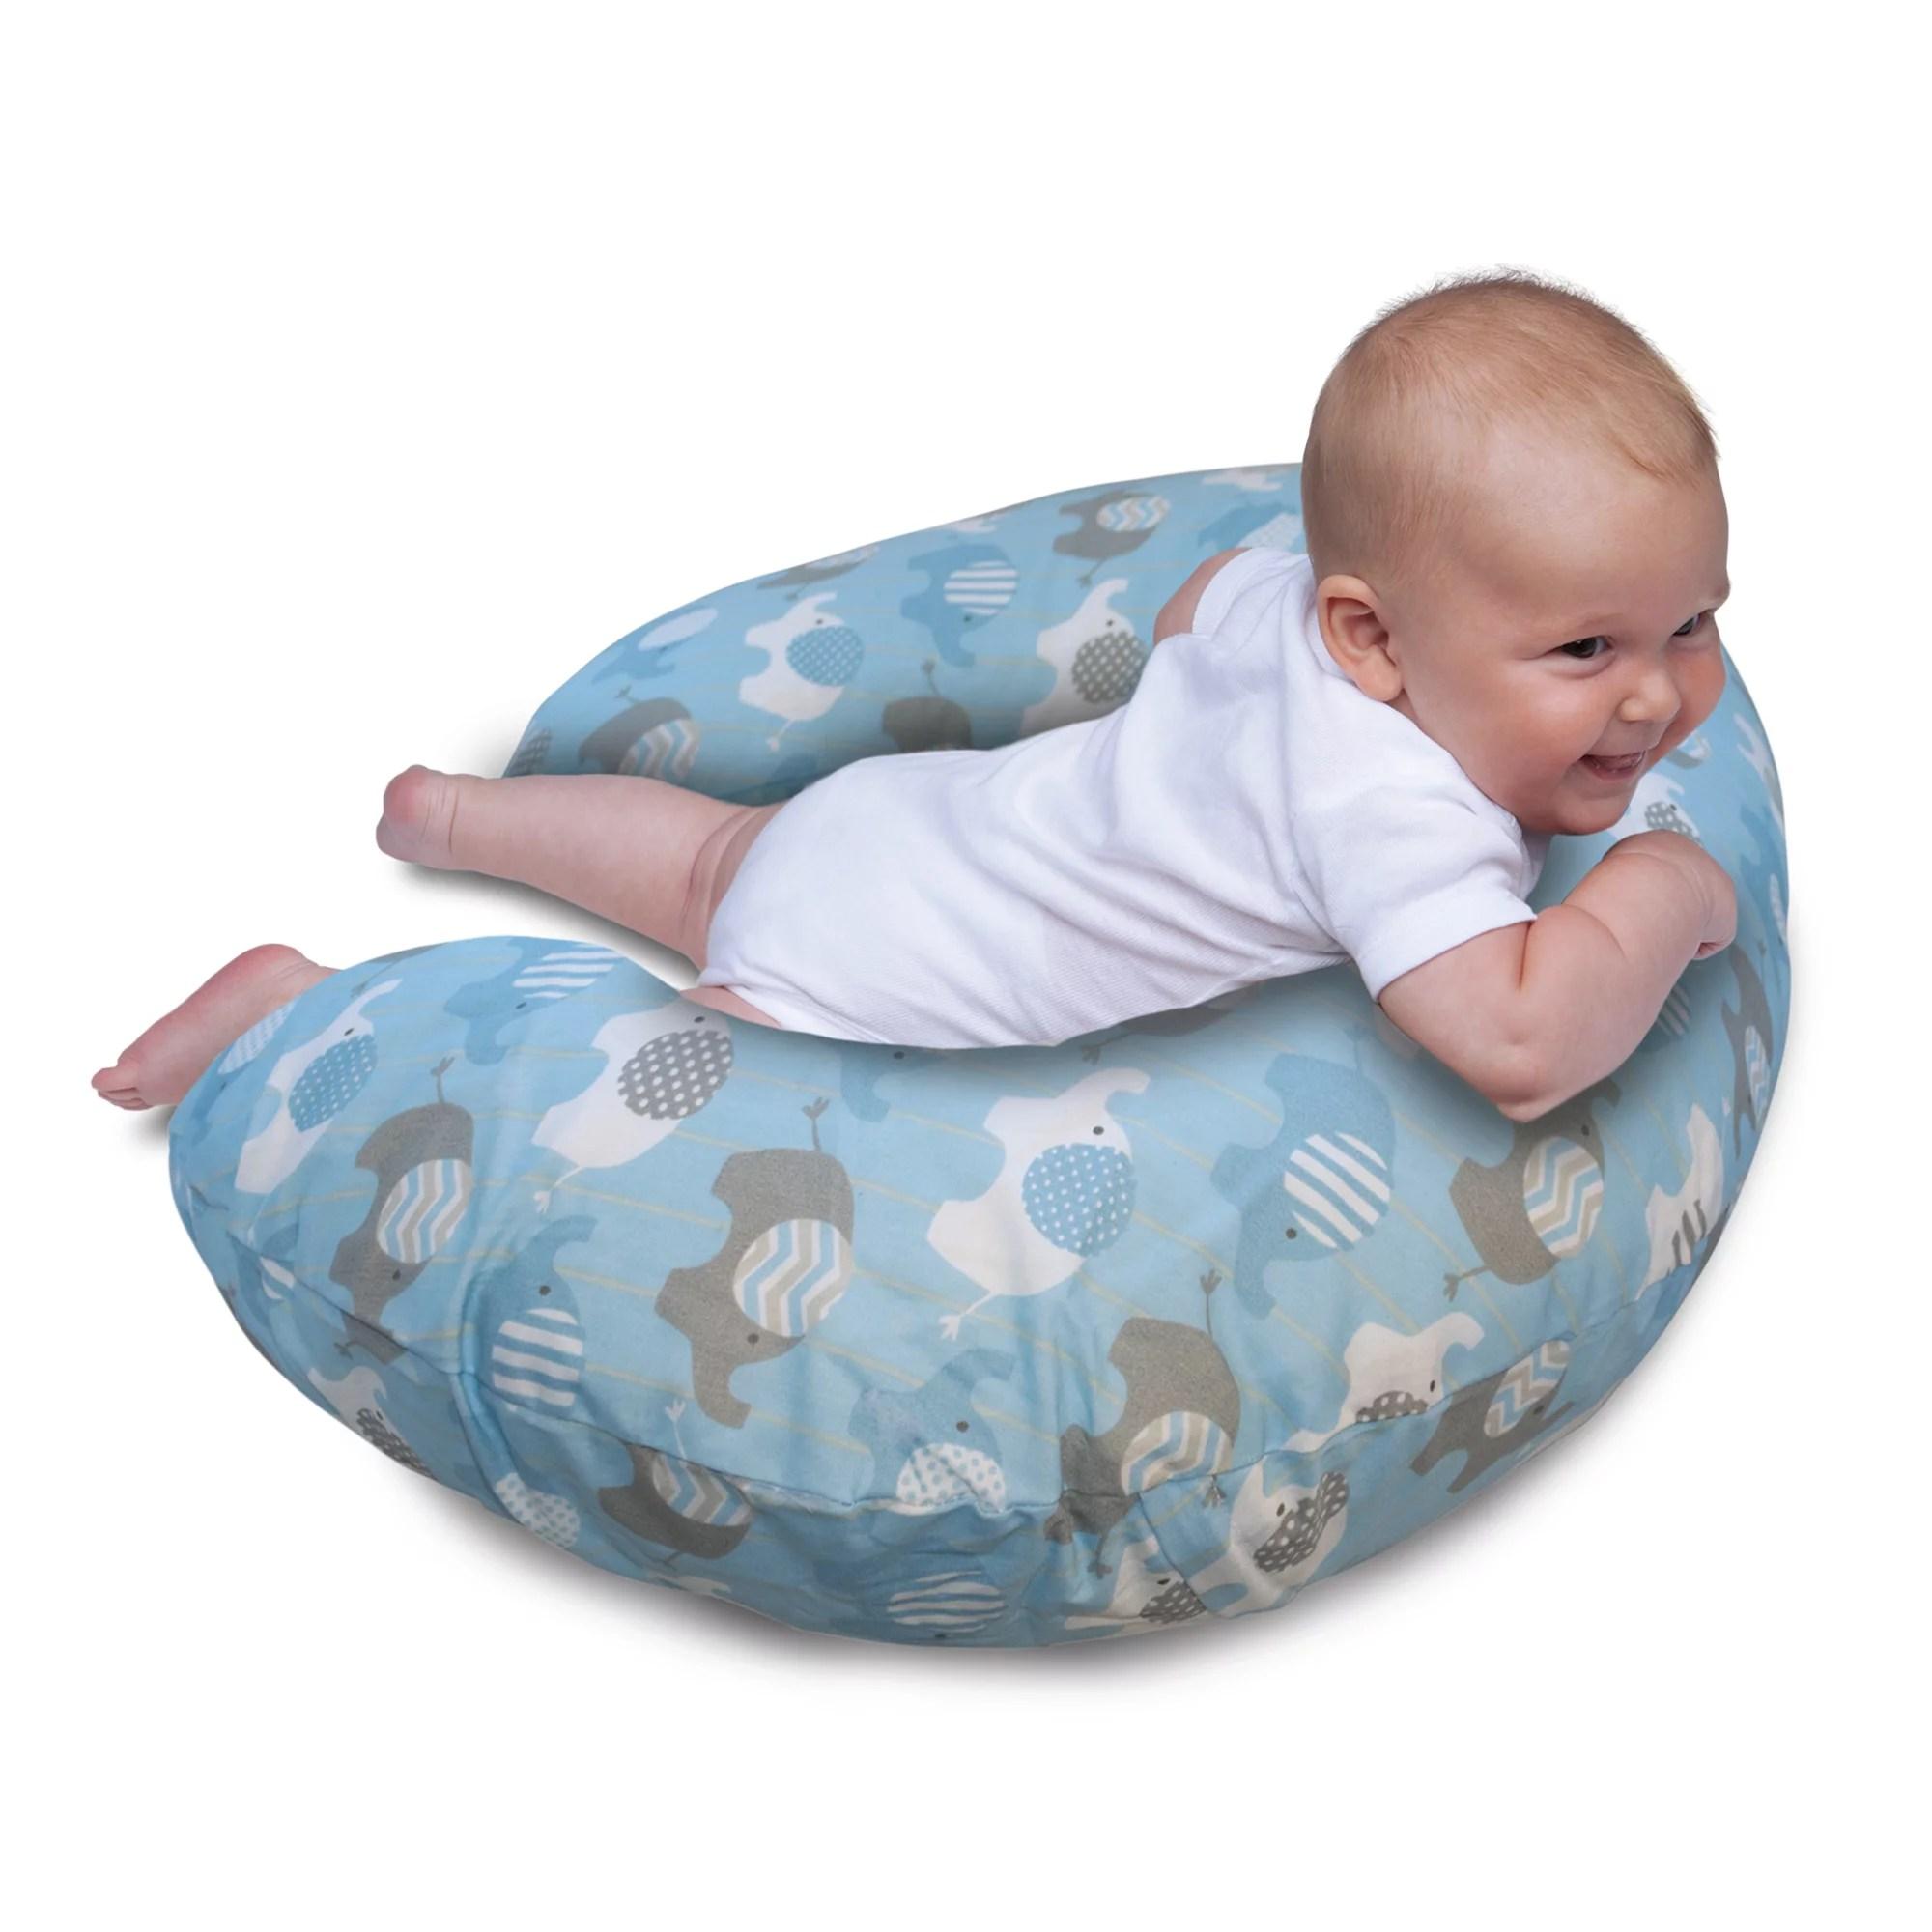 original boppy pillow slipcover classic elephants blue